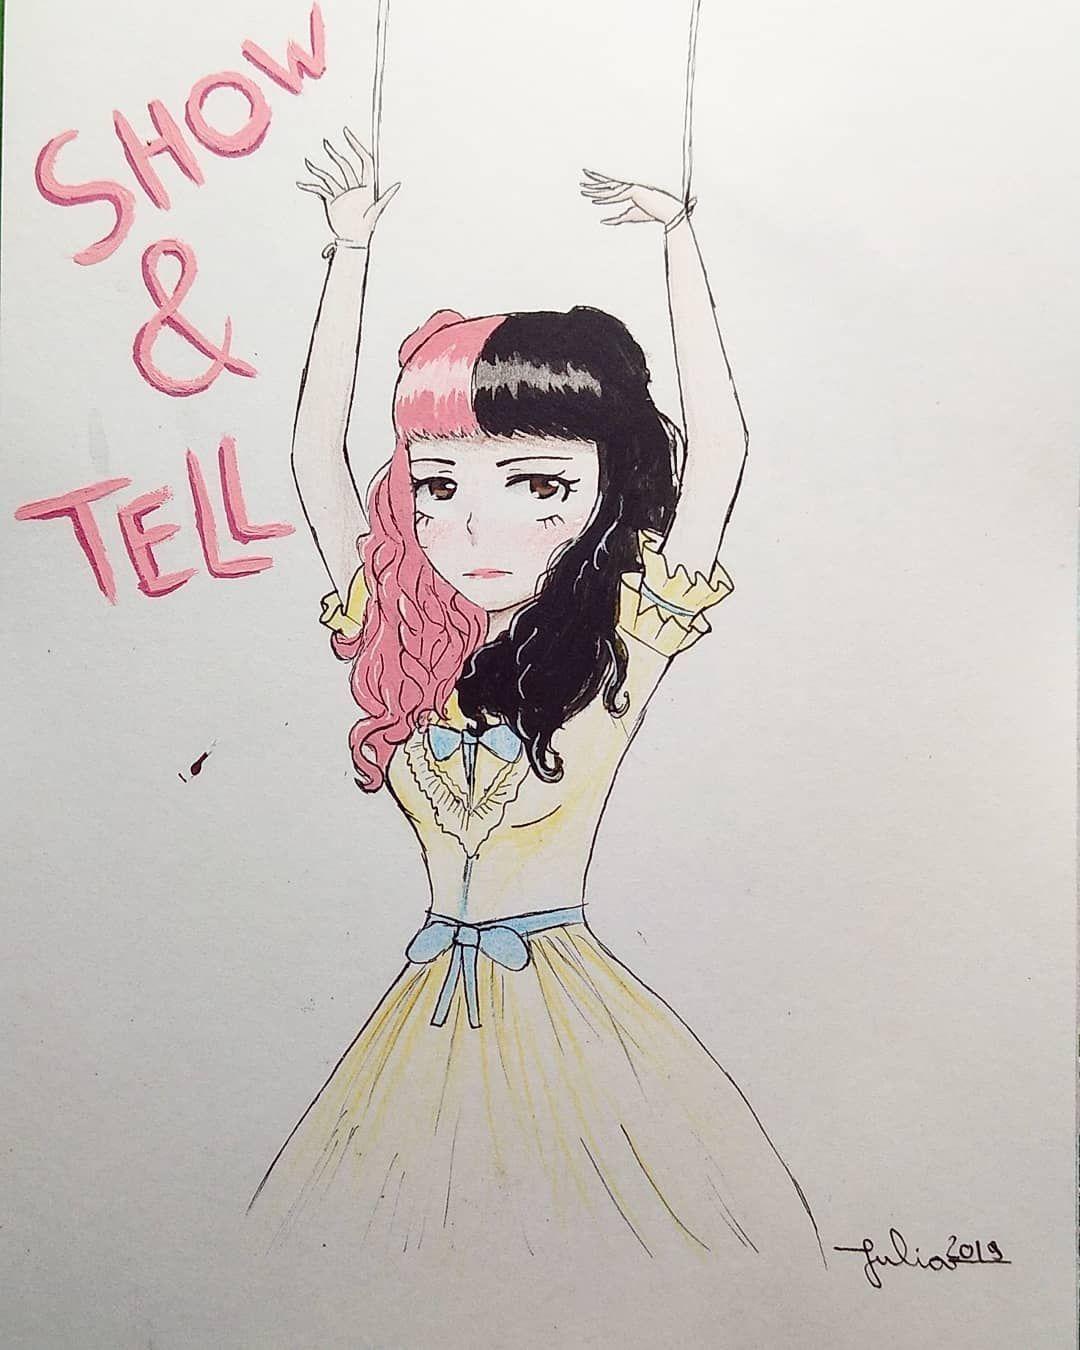 Show Tell Melanie Martinez K 12 Art Draw Girl Showandtell Melaniemartinez Melanie Martinez Drawings Crybaby Melanie Martinez Melanie Martinez Songs